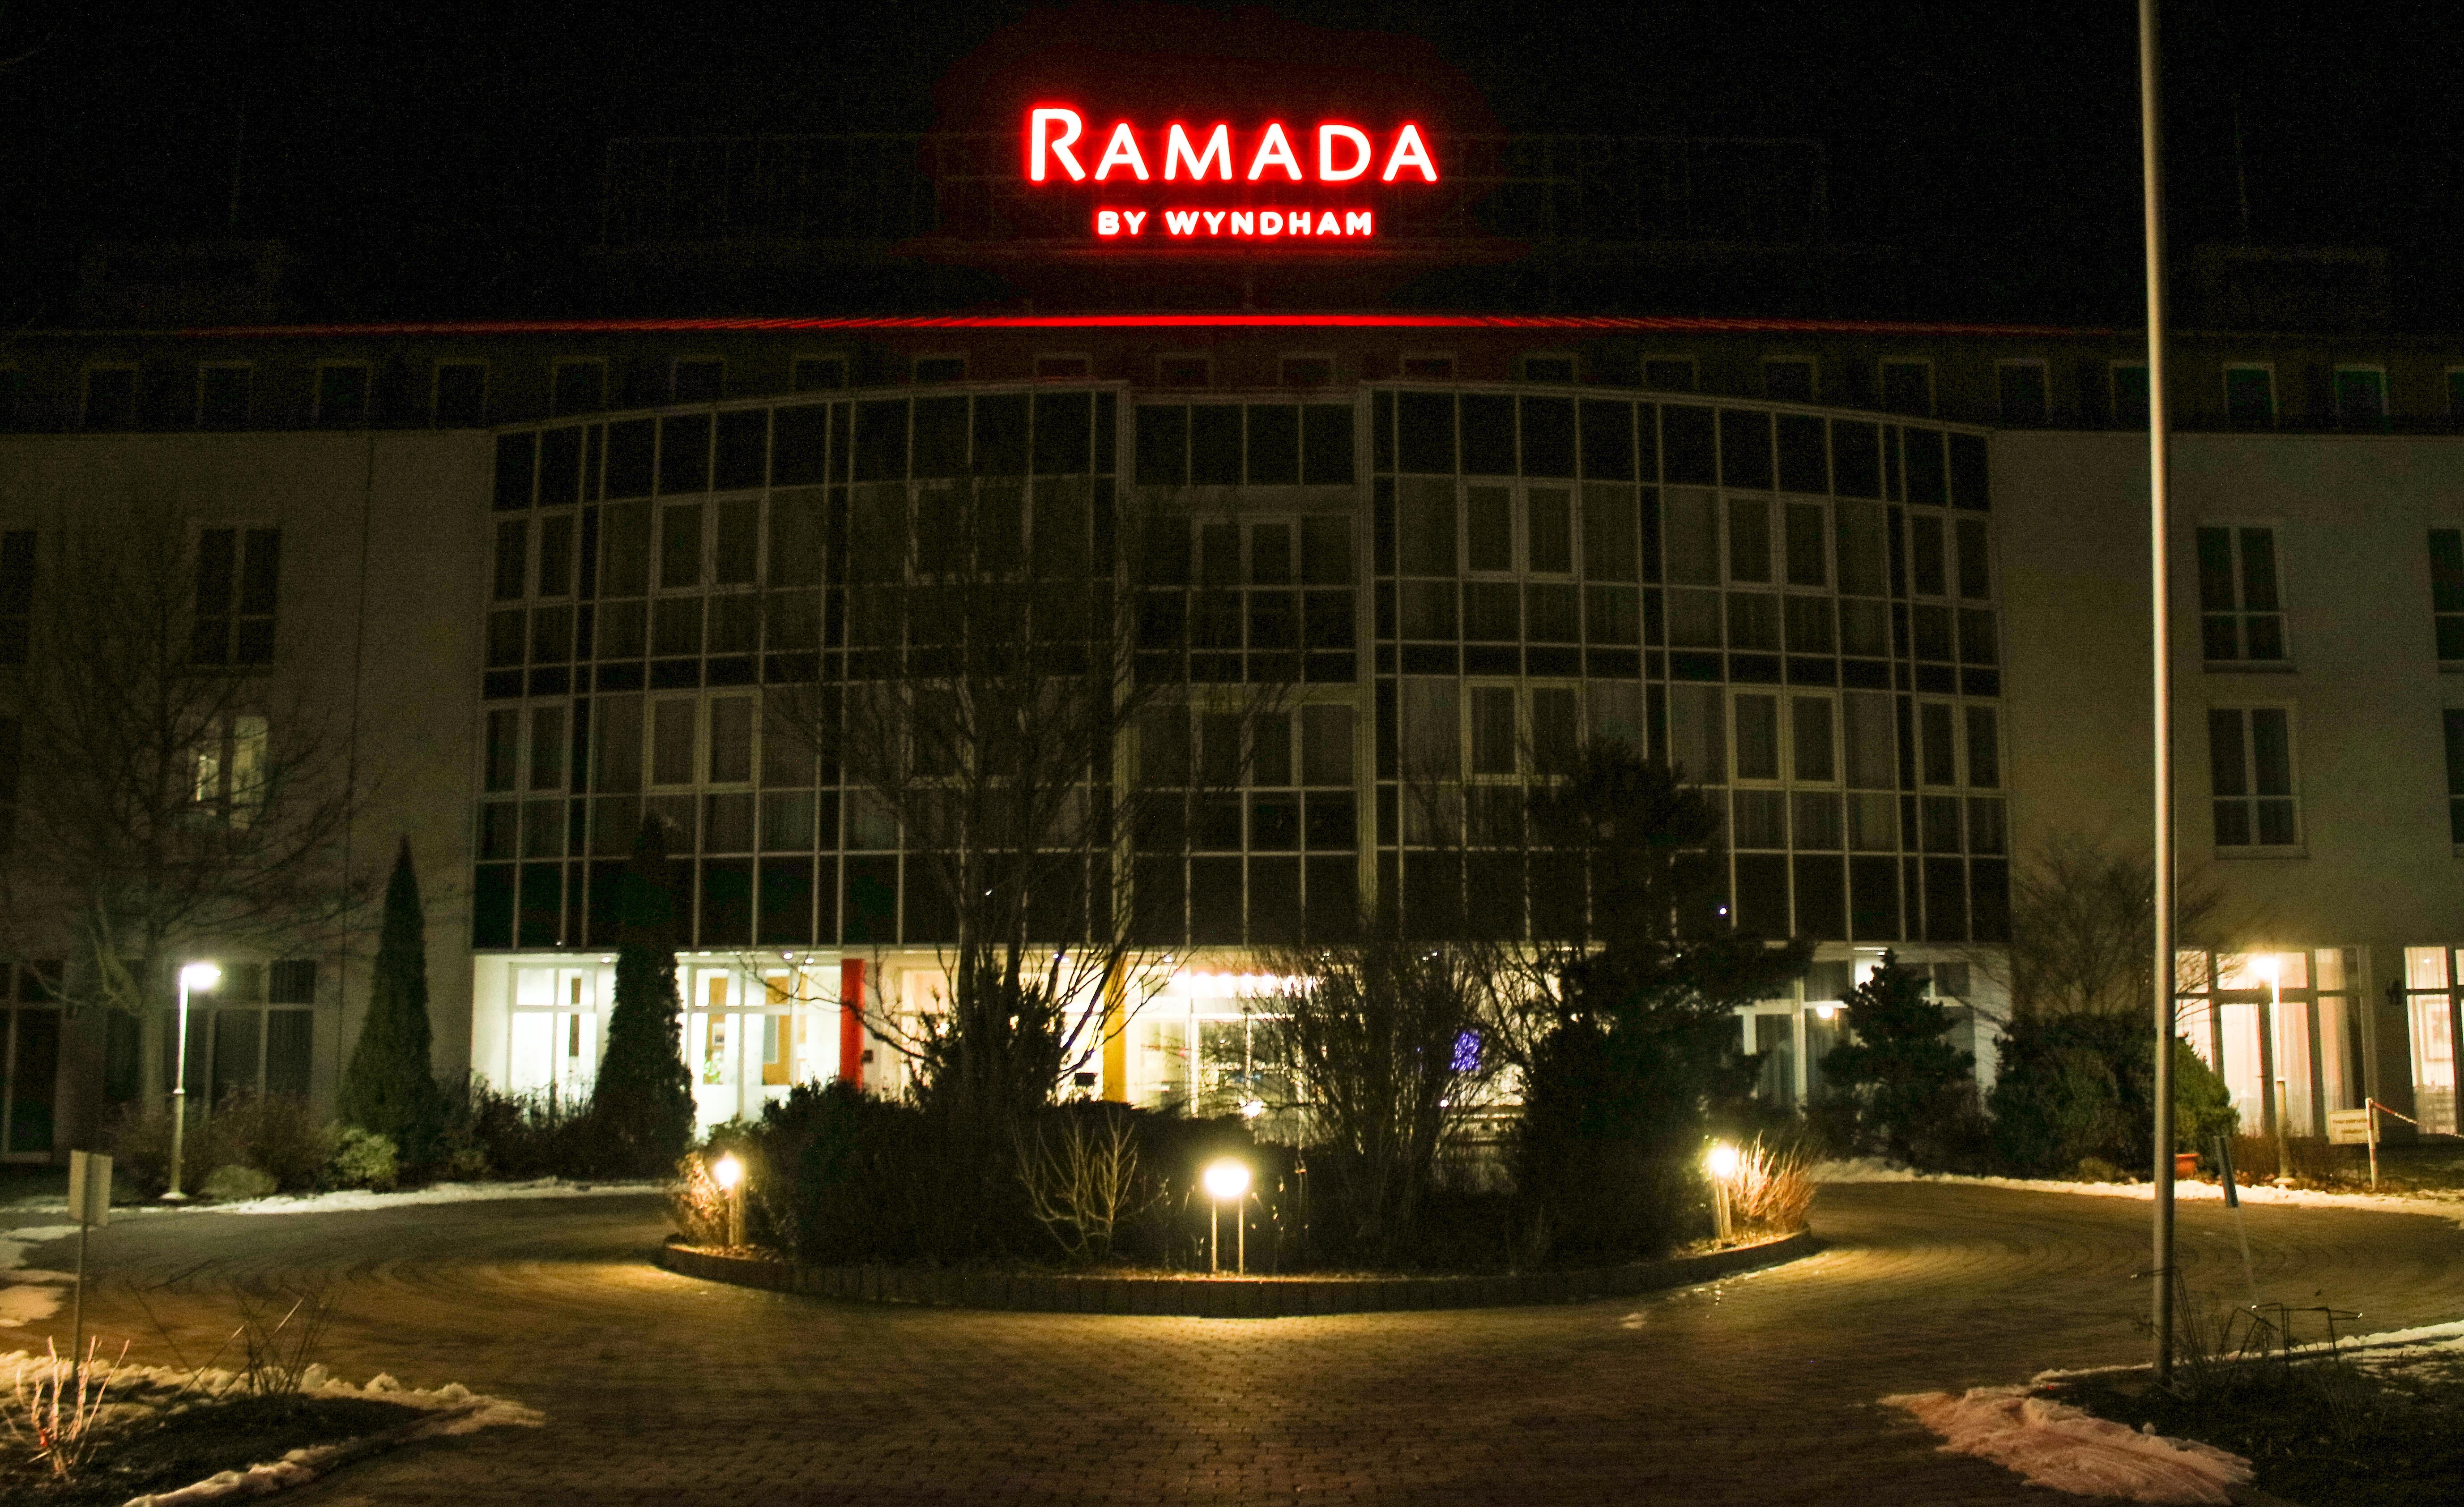 Ramada By Wyndham Startet In Weimar Tageskarte